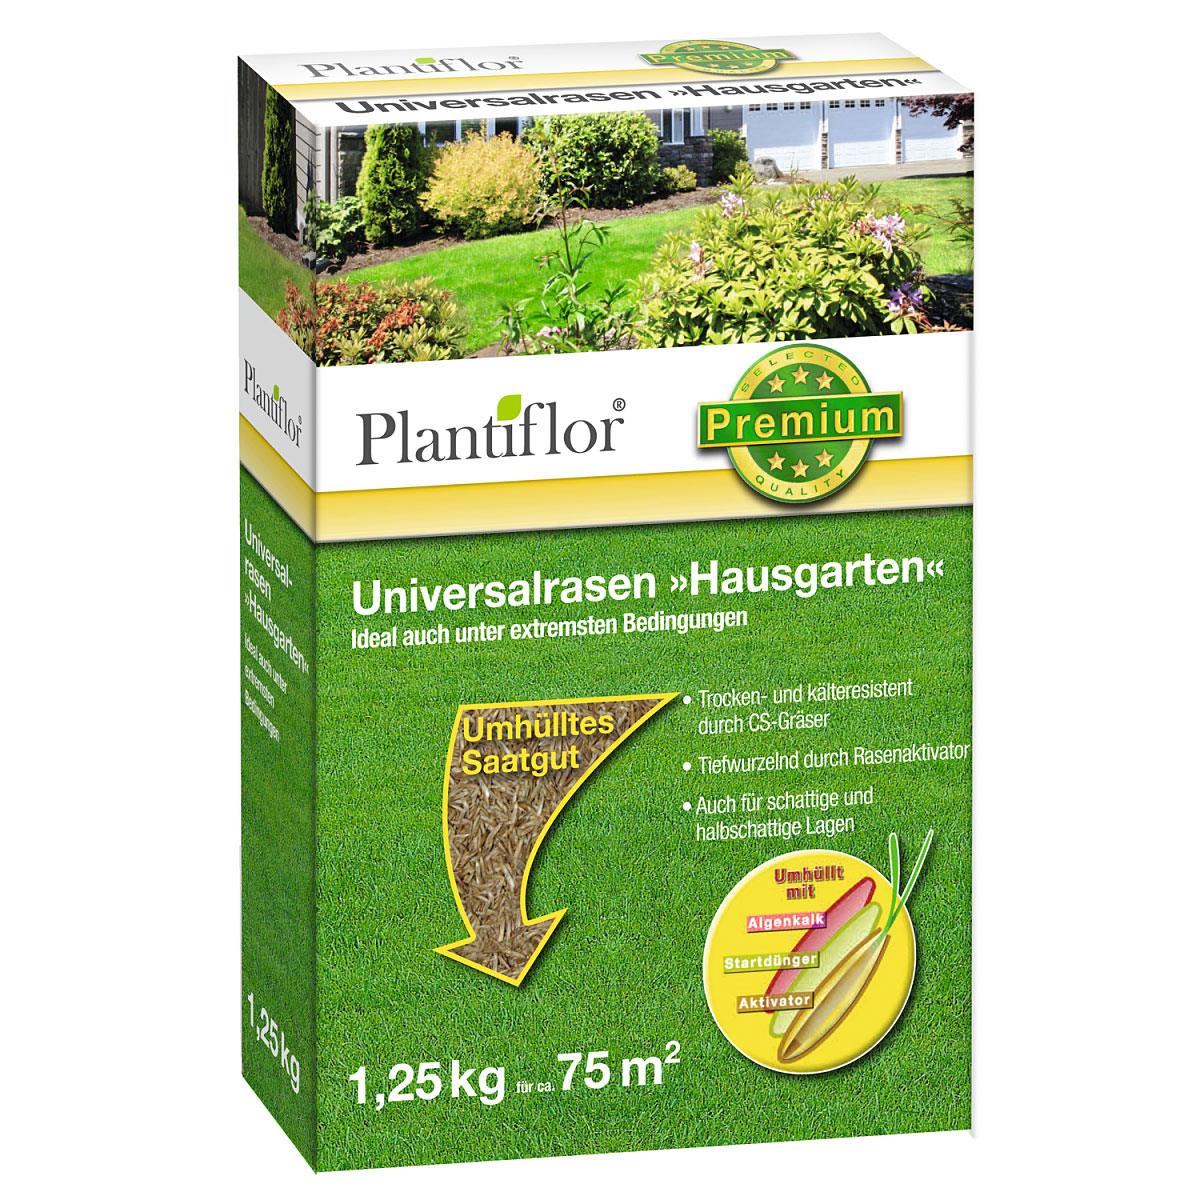 """Plantiflor Universalrasen """"Hausgarten"""", 1,25 kg"""